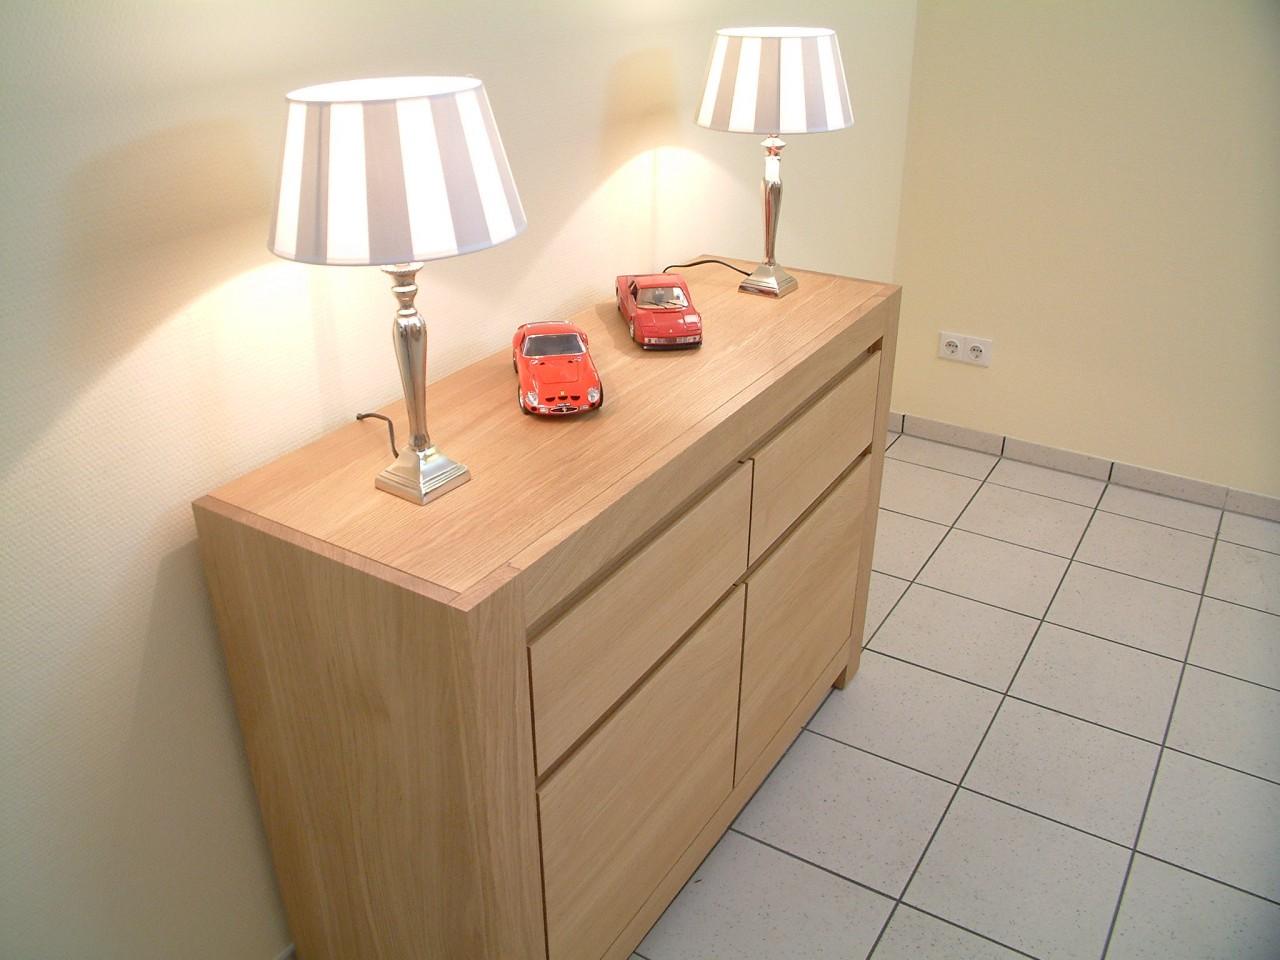 anrichte schermbeck eiche massiv hell ge lt oder lackiert mit 2 t ren und 2 schubladen modern. Black Bedroom Furniture Sets. Home Design Ideas